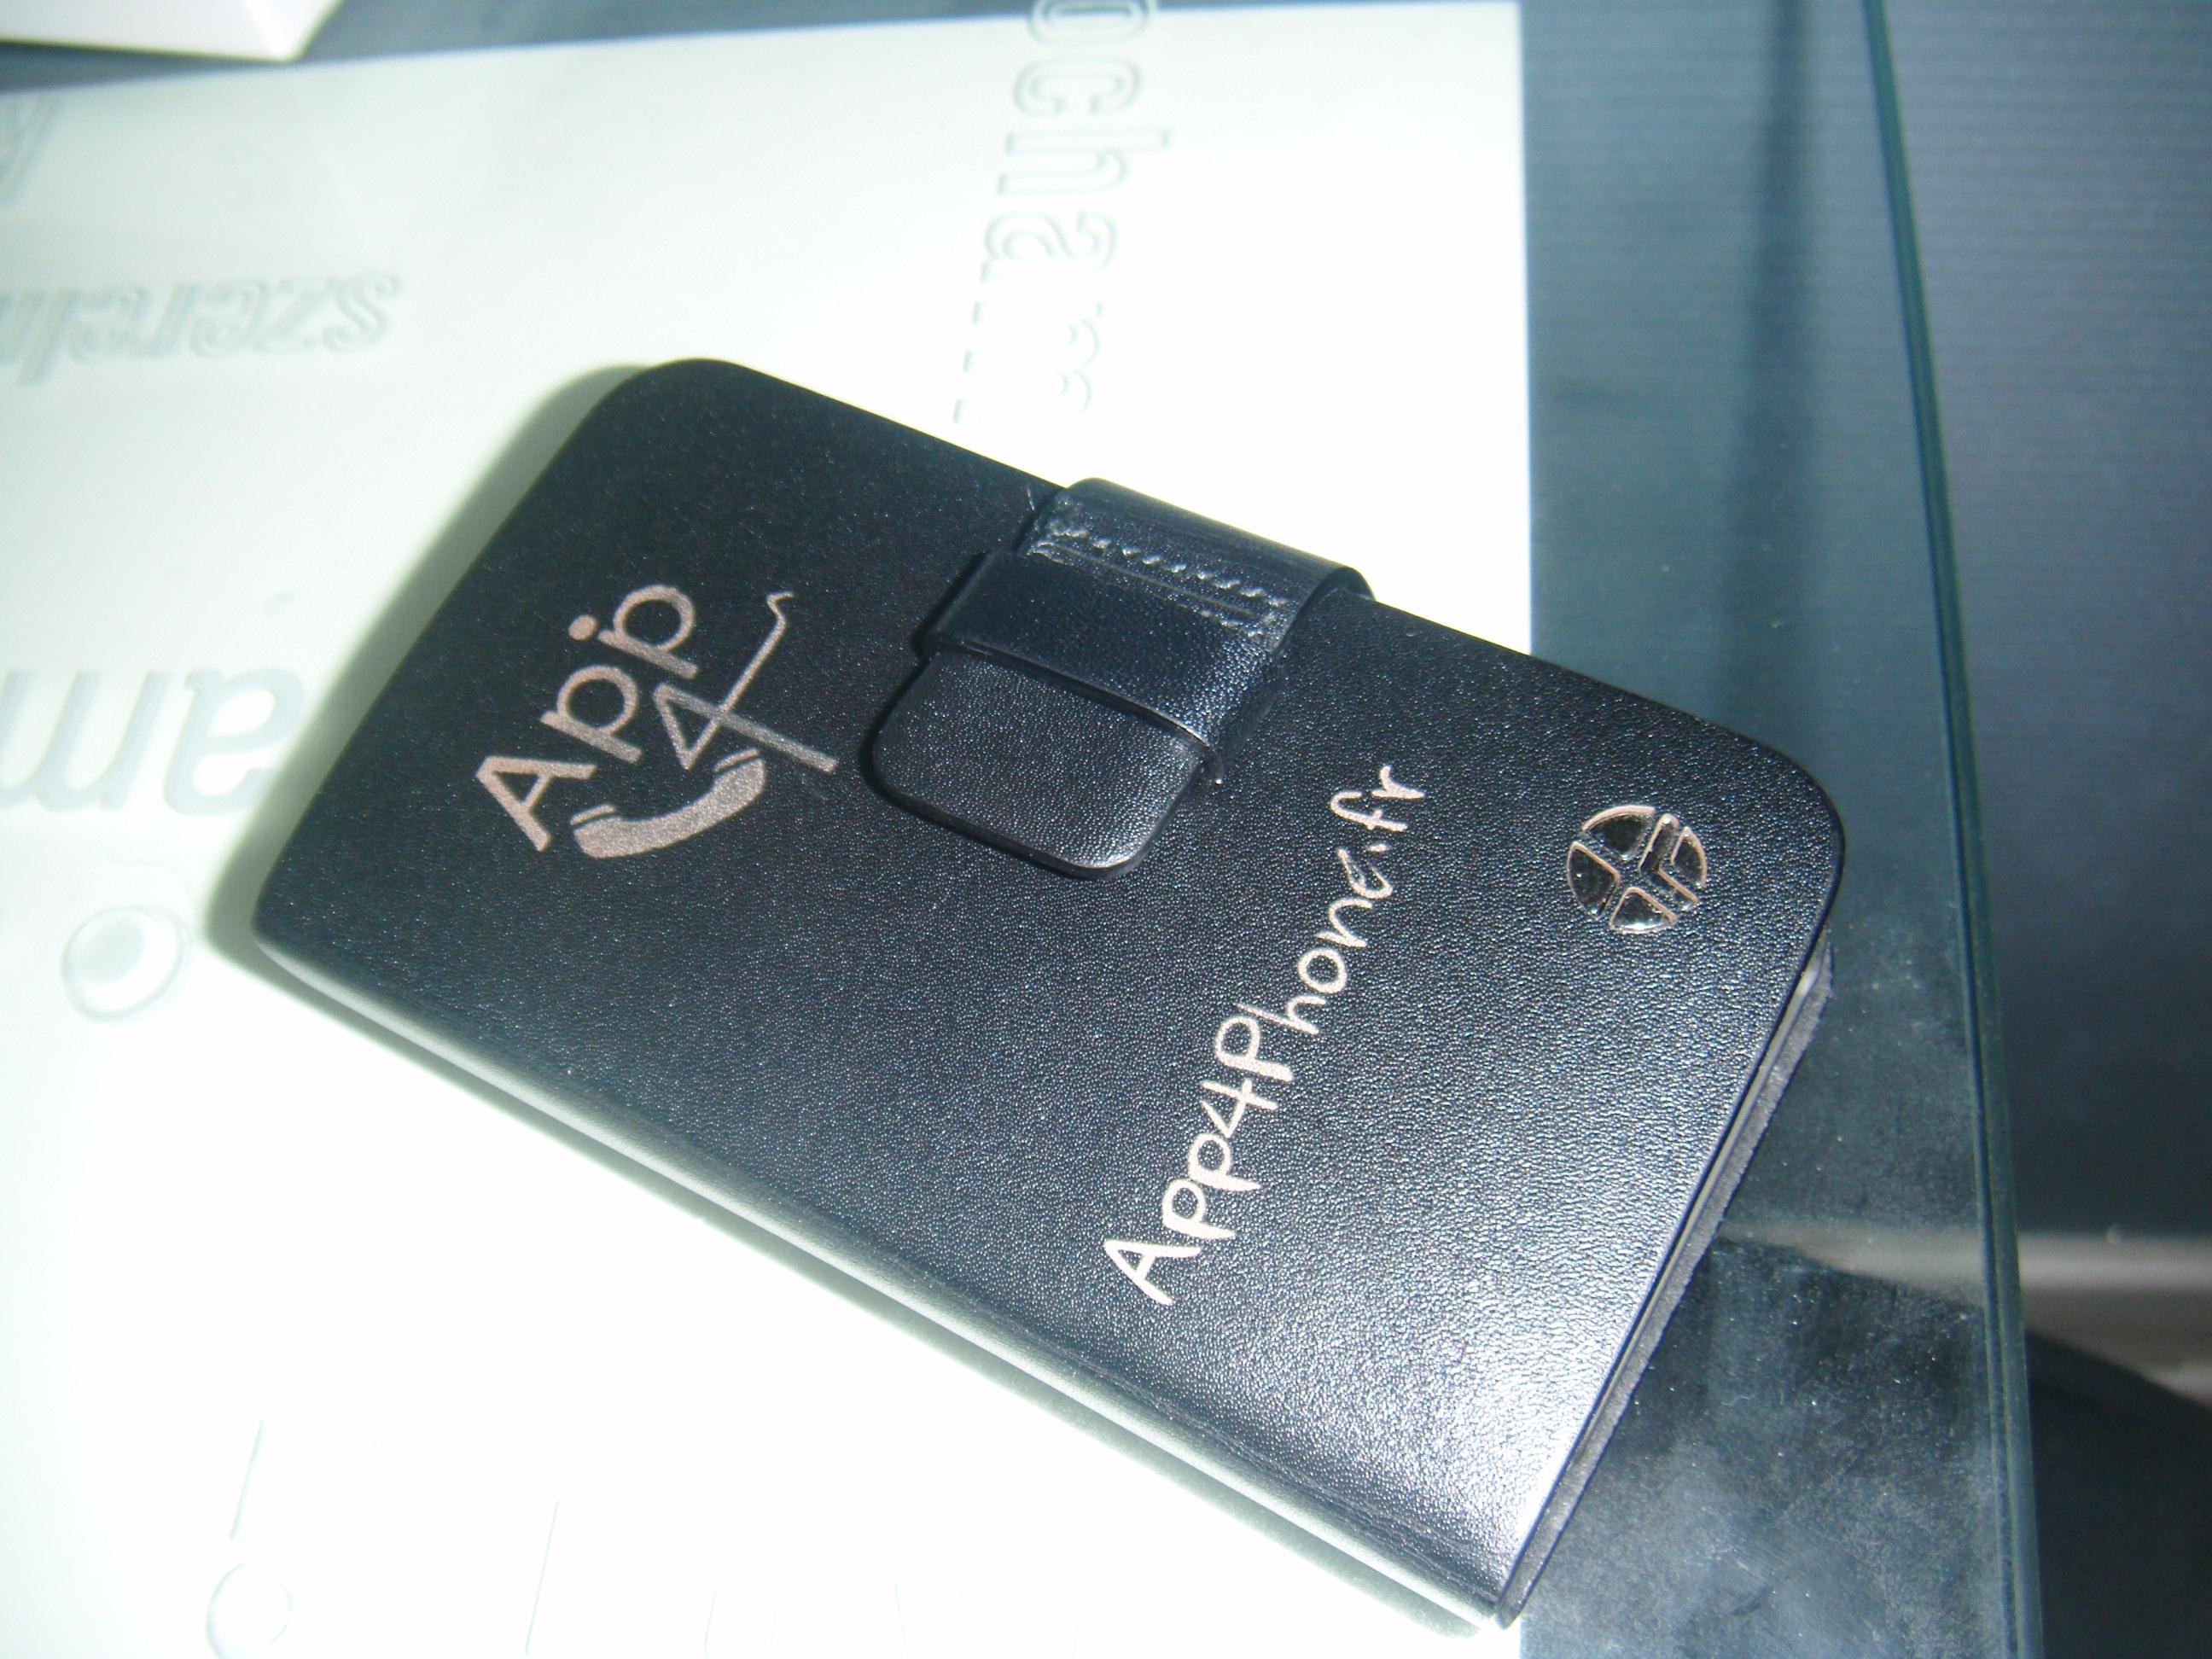 DSCF0280 Concours : 2 étuis Trexta Rotating Folio noirs pour iPhone 4 à gagner ! (39,90€)